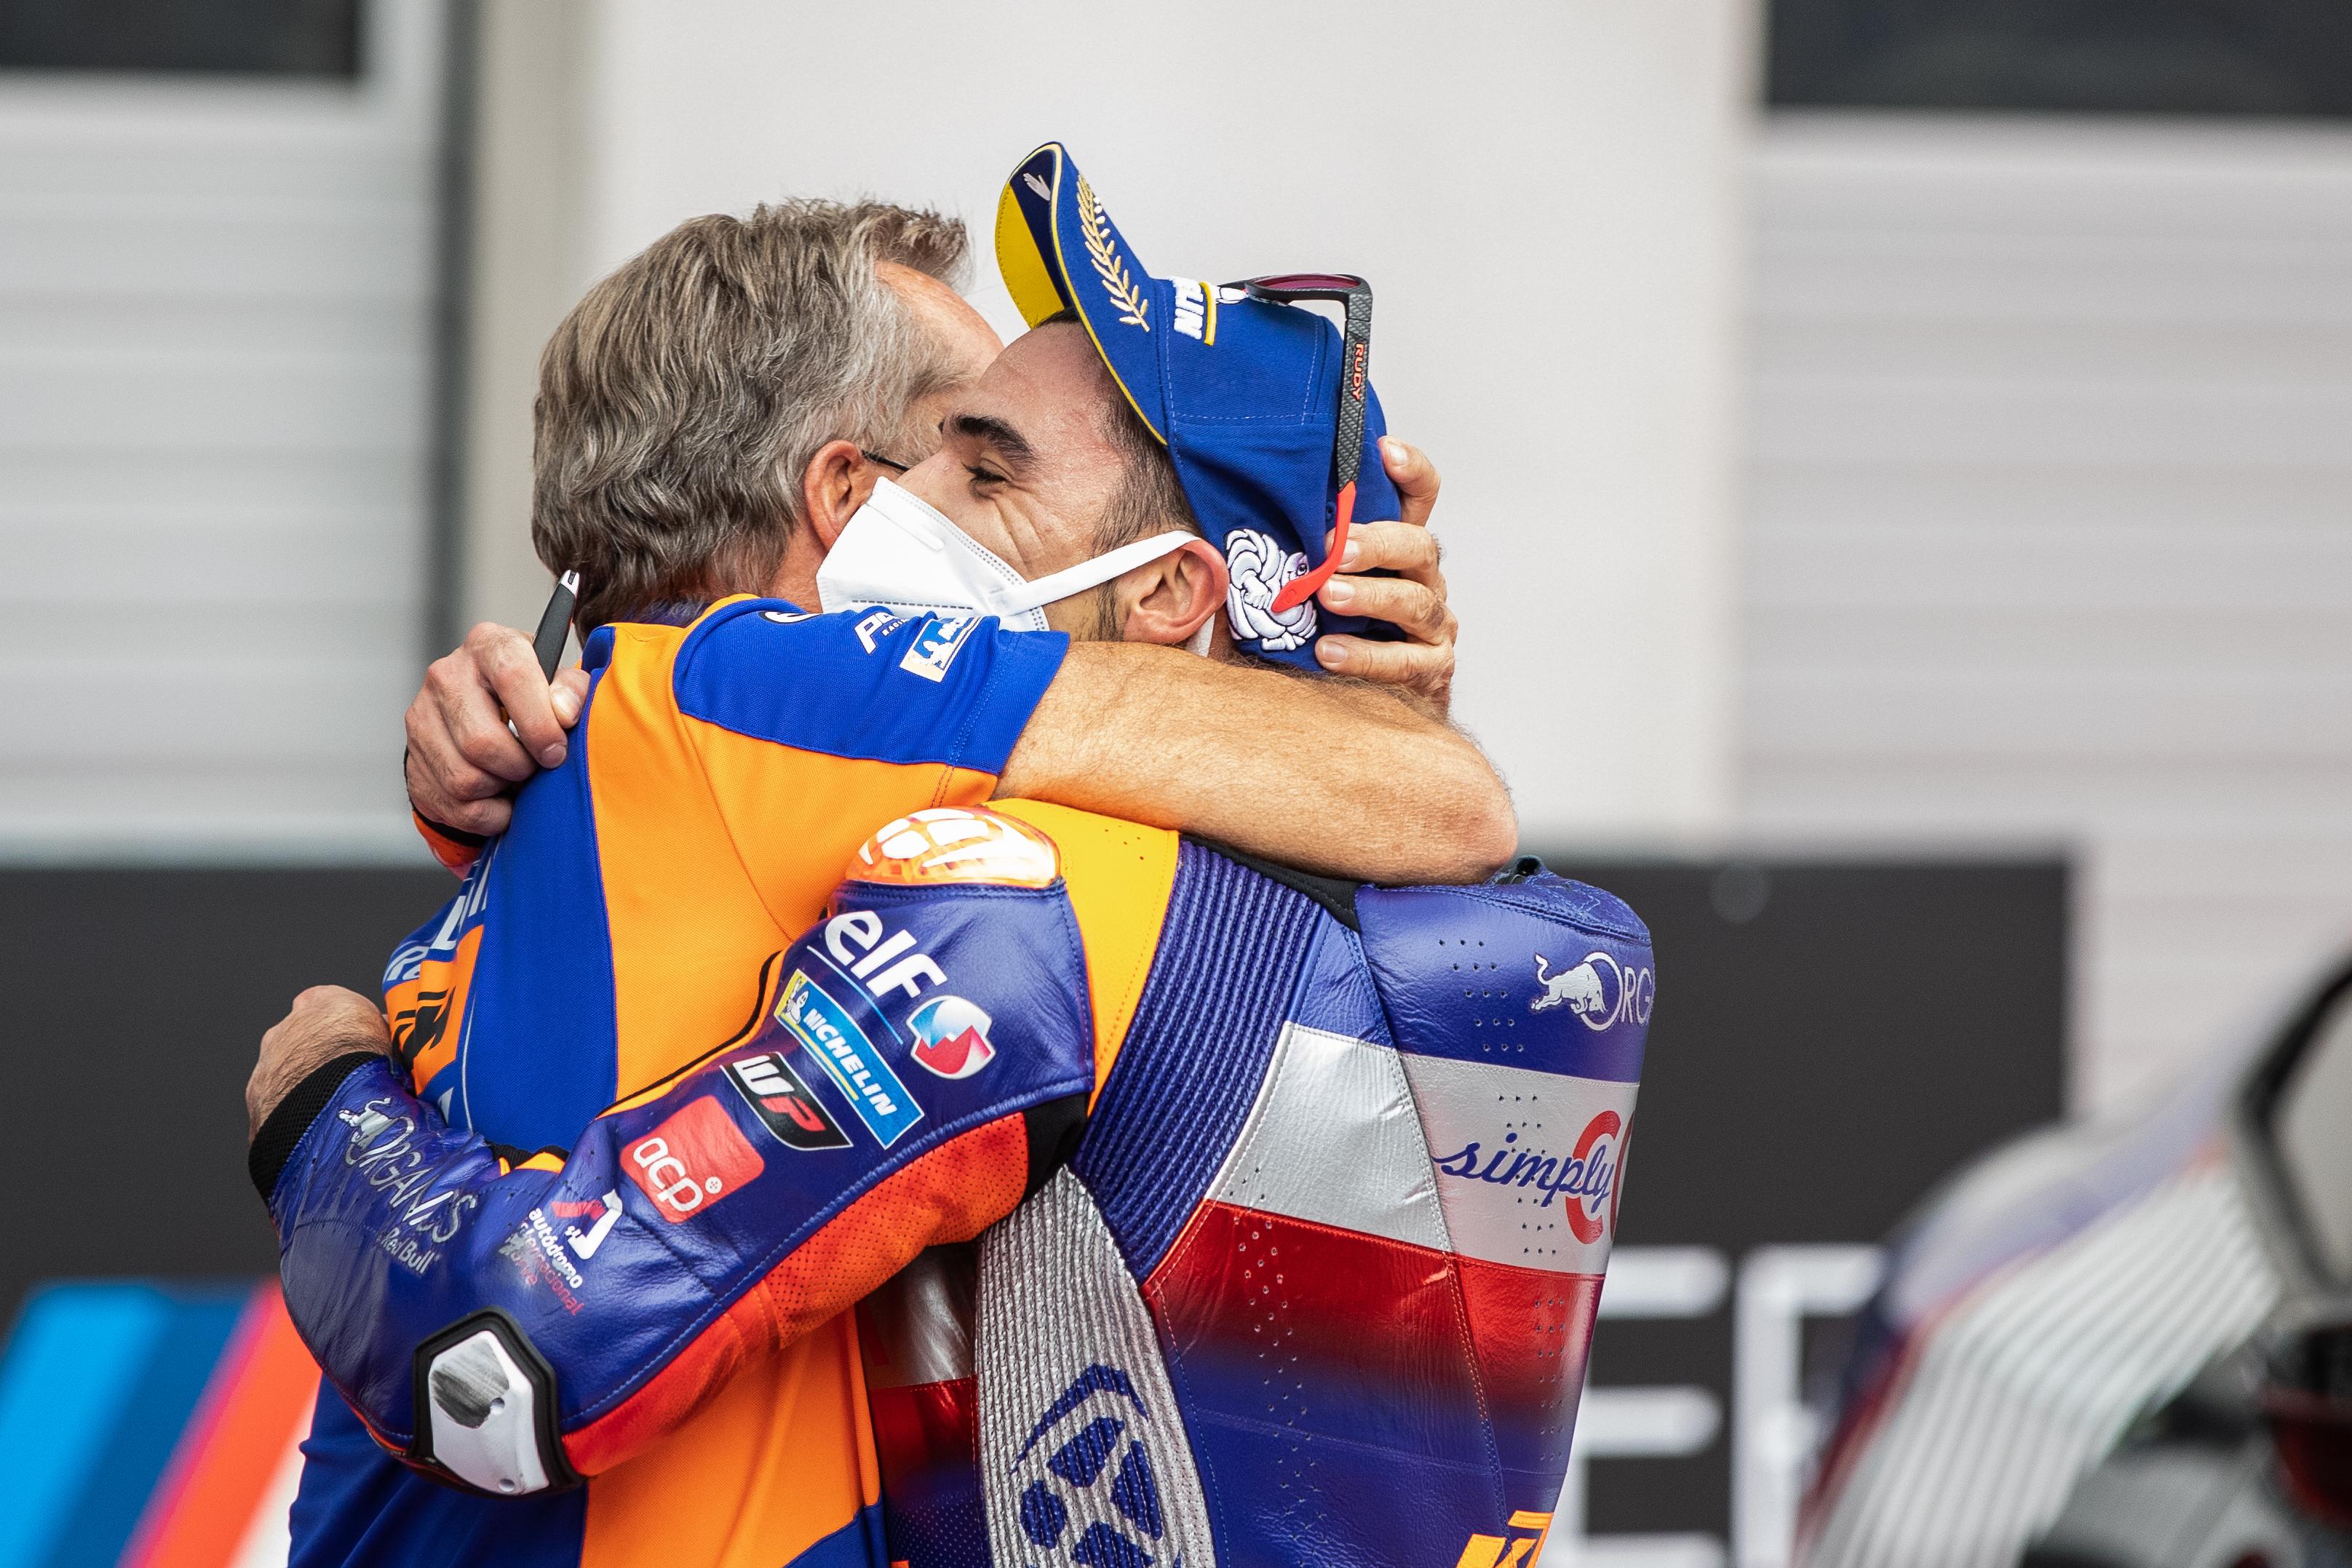 MOTOGP | Miguel Oliveira faz história ao alcançar a primeira vitória no campeonato do mundo de MotoGP 3